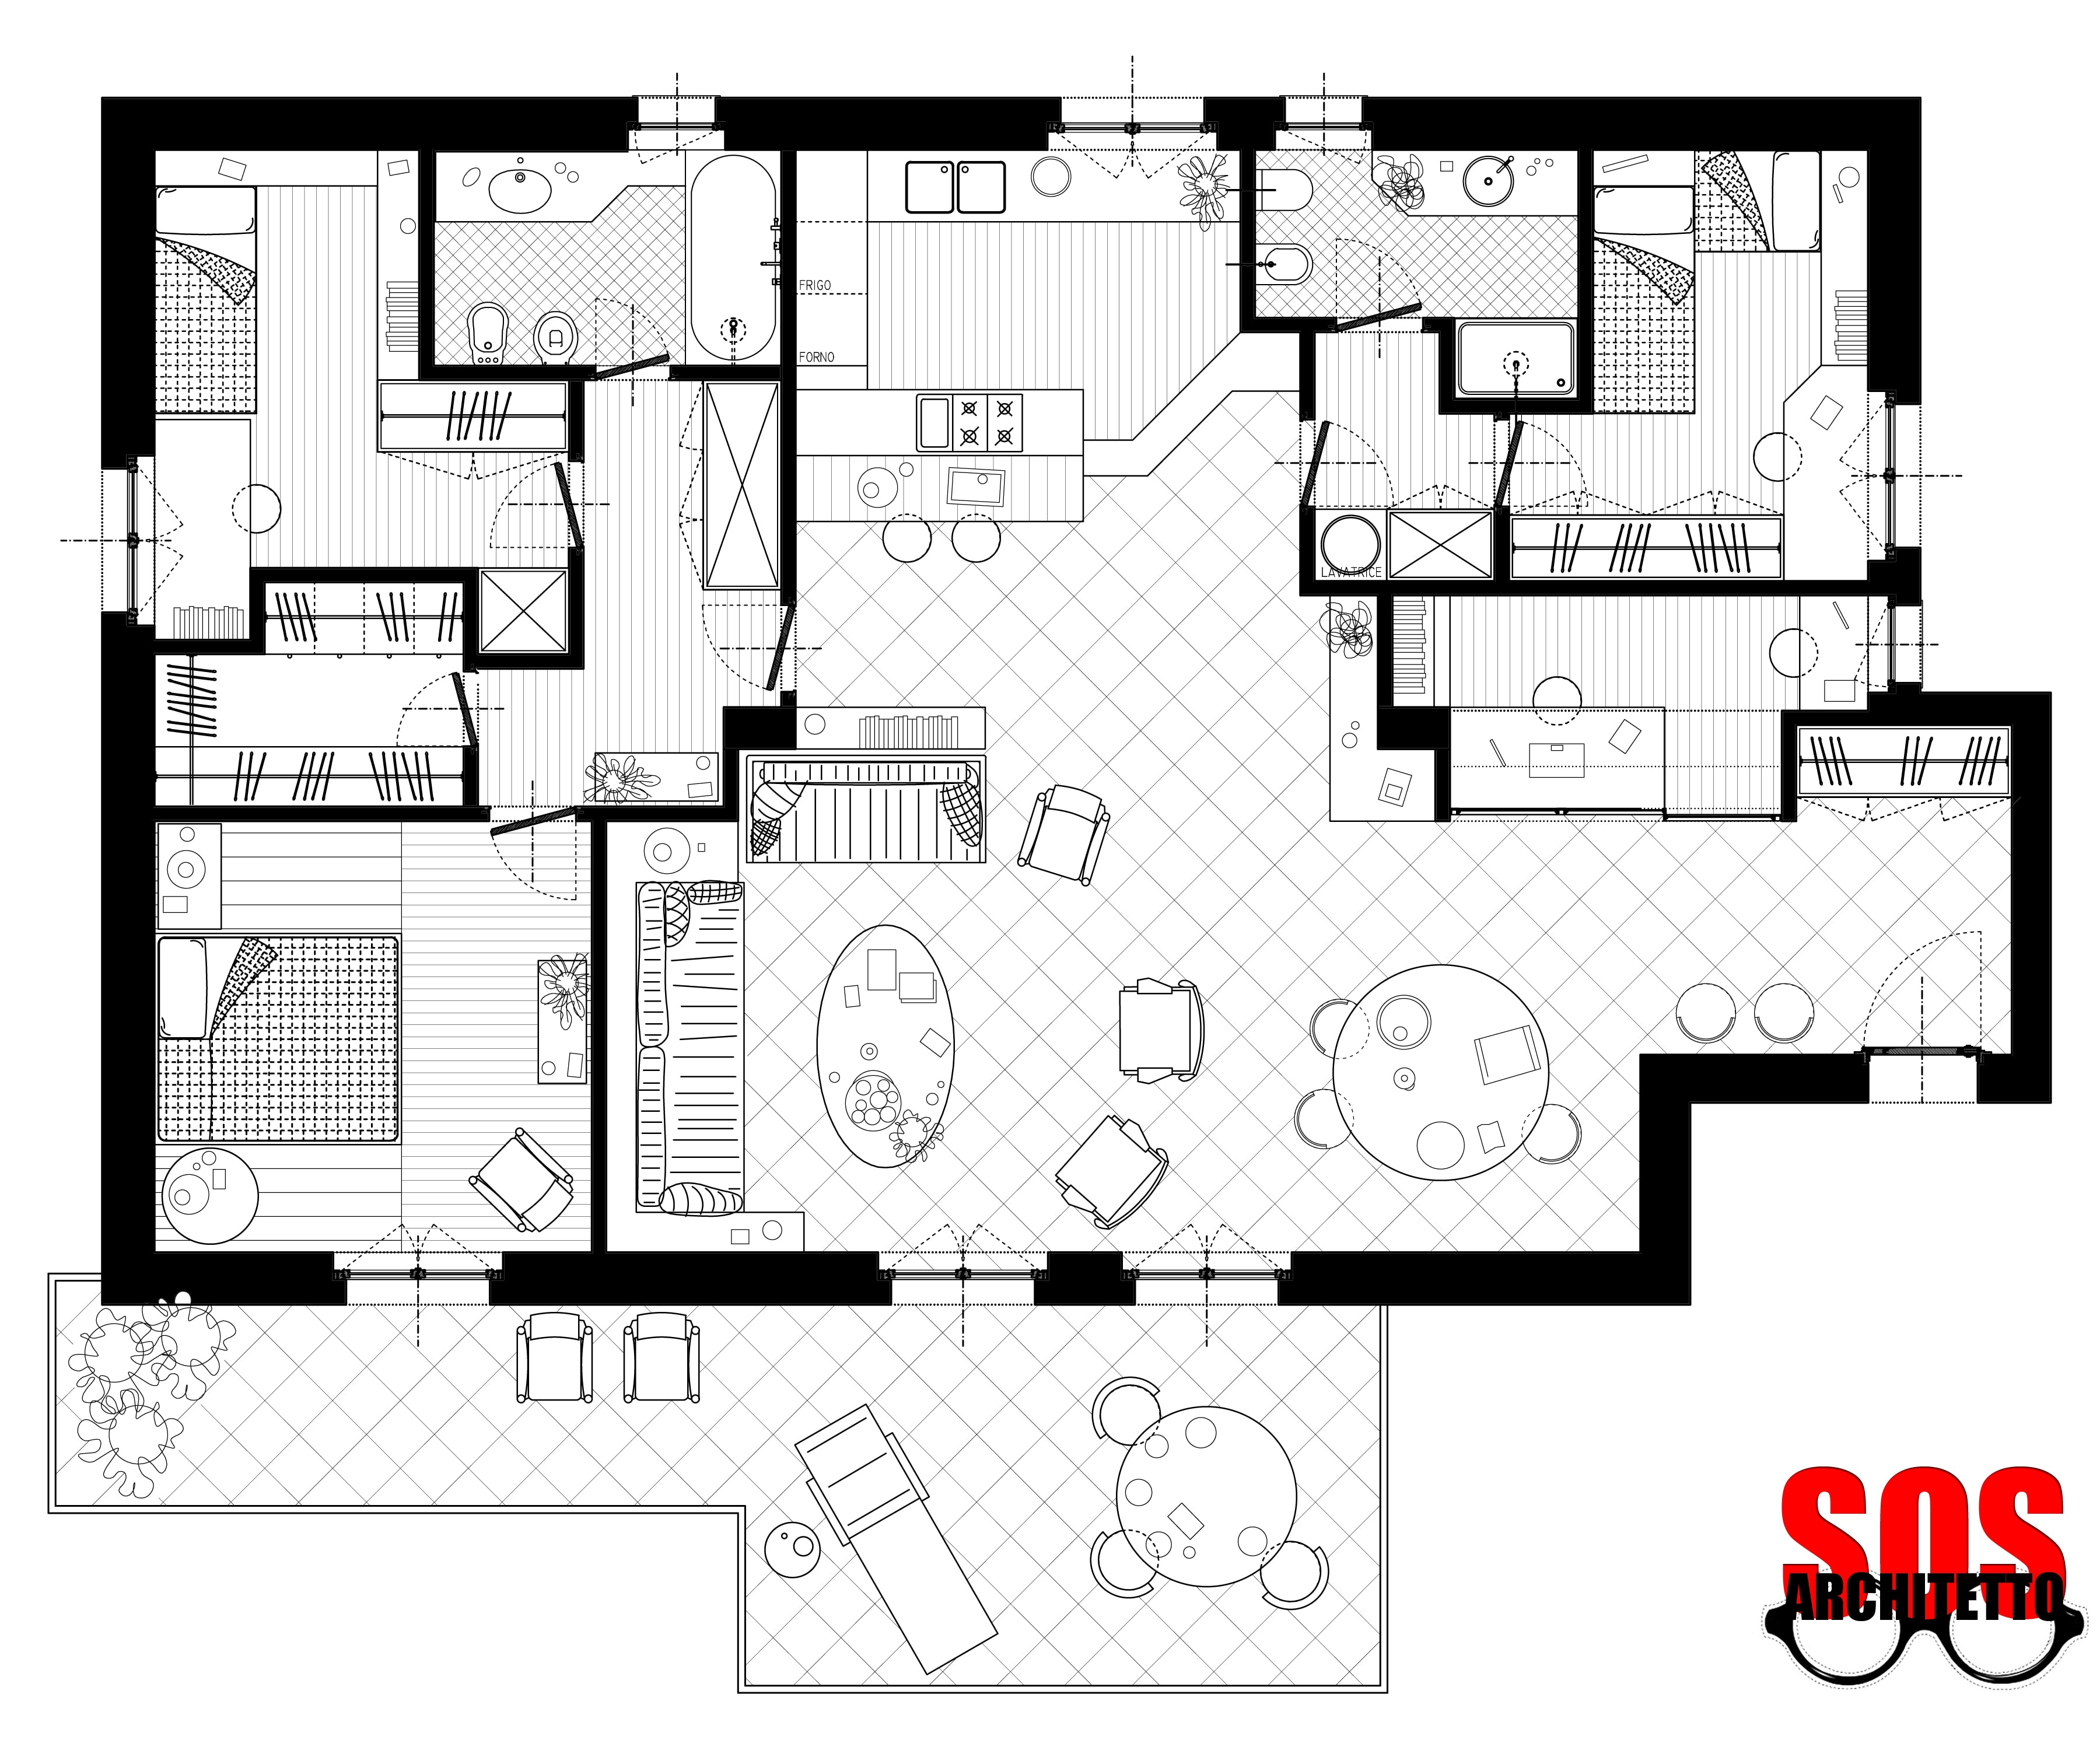 casa progetto 002 sos architetto online sos architetto